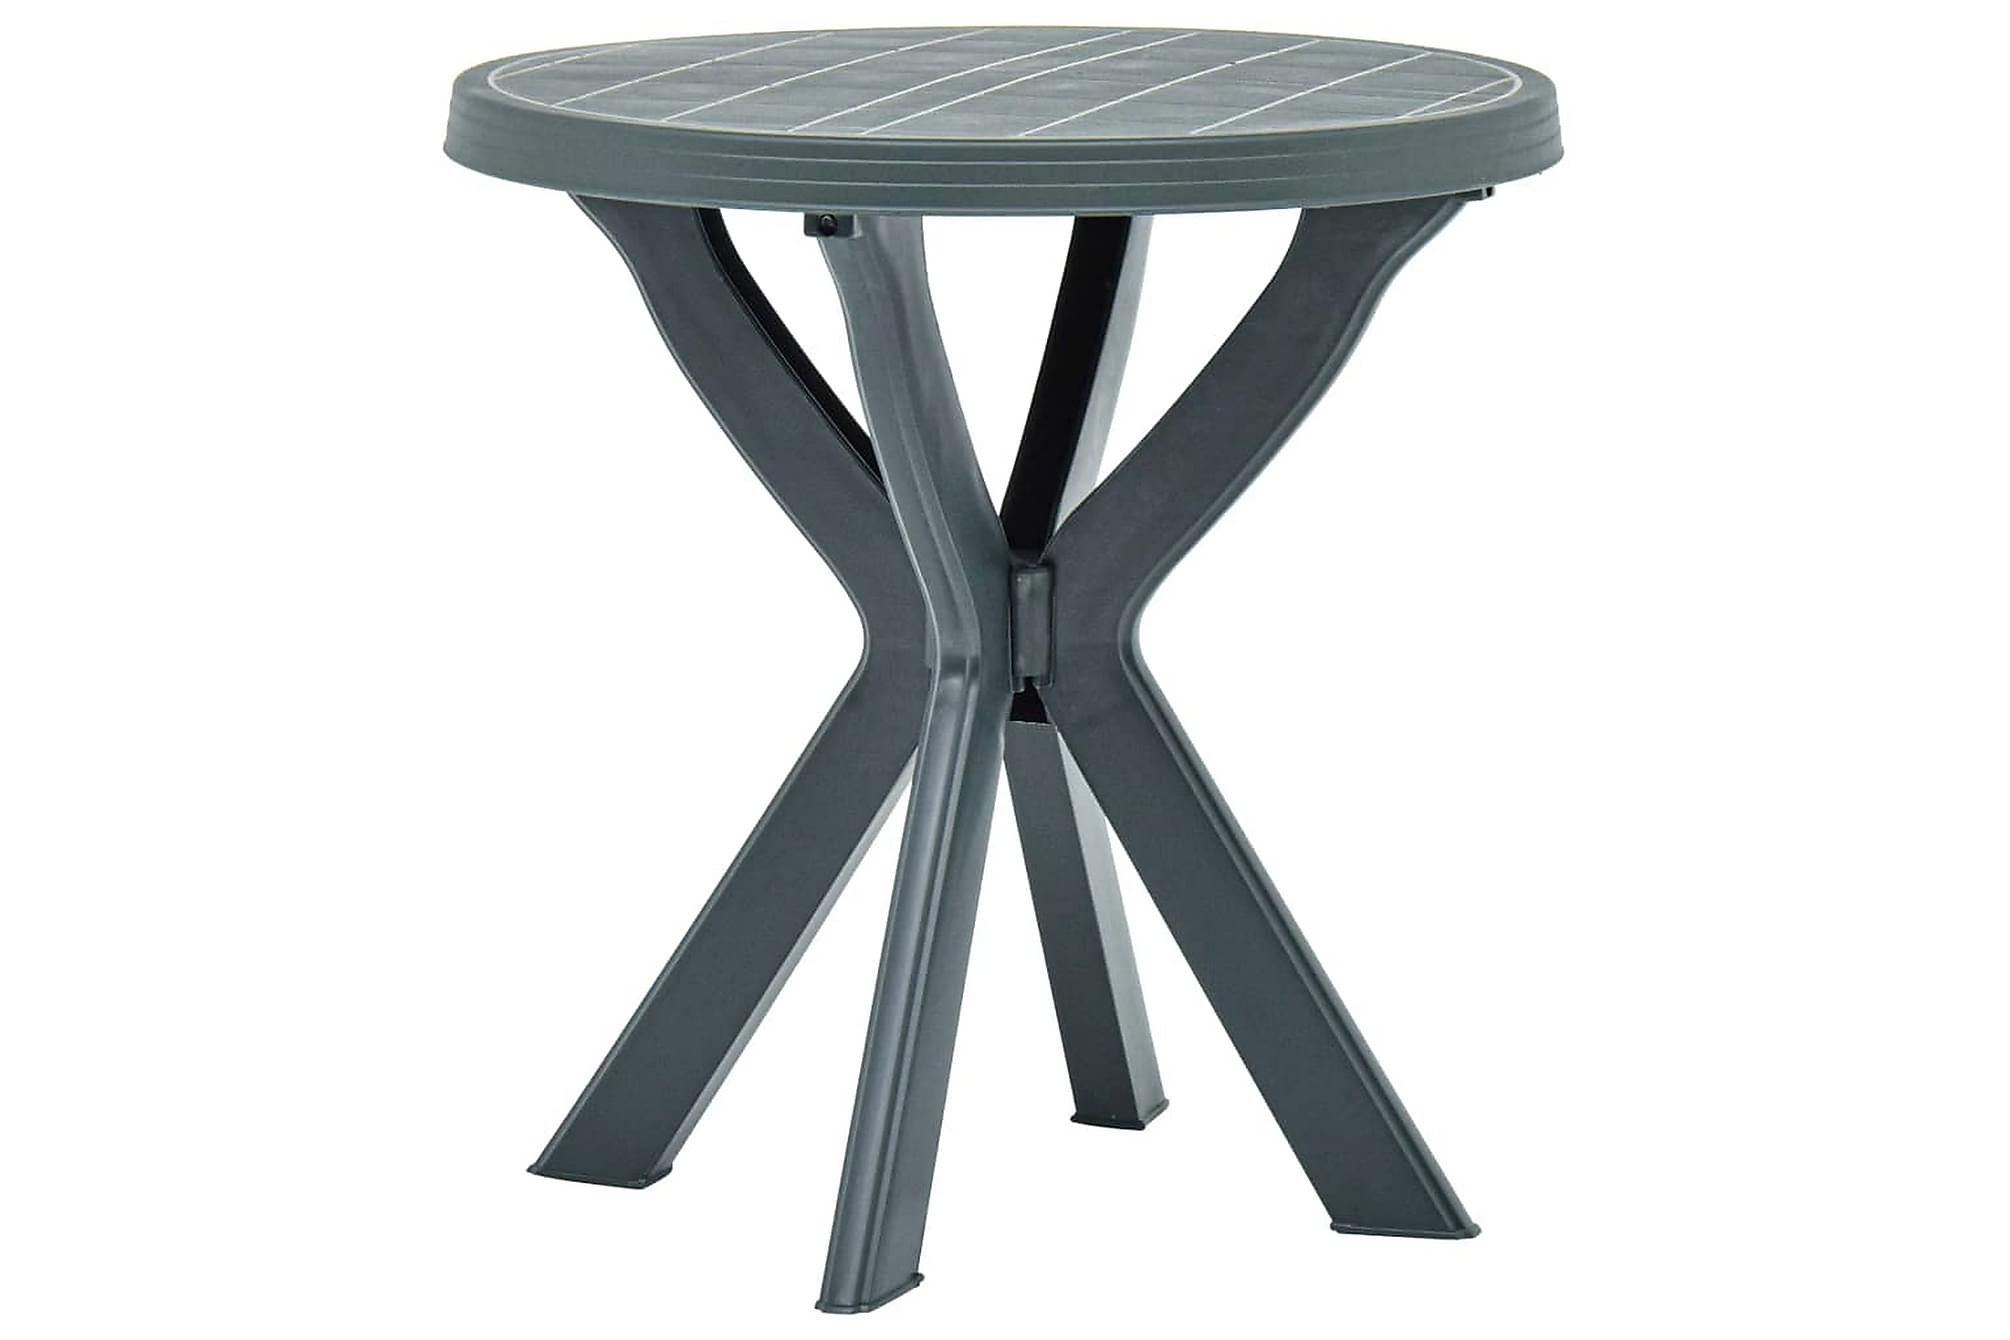 Cafébord grön Ã?70 cm plast, Cafebord